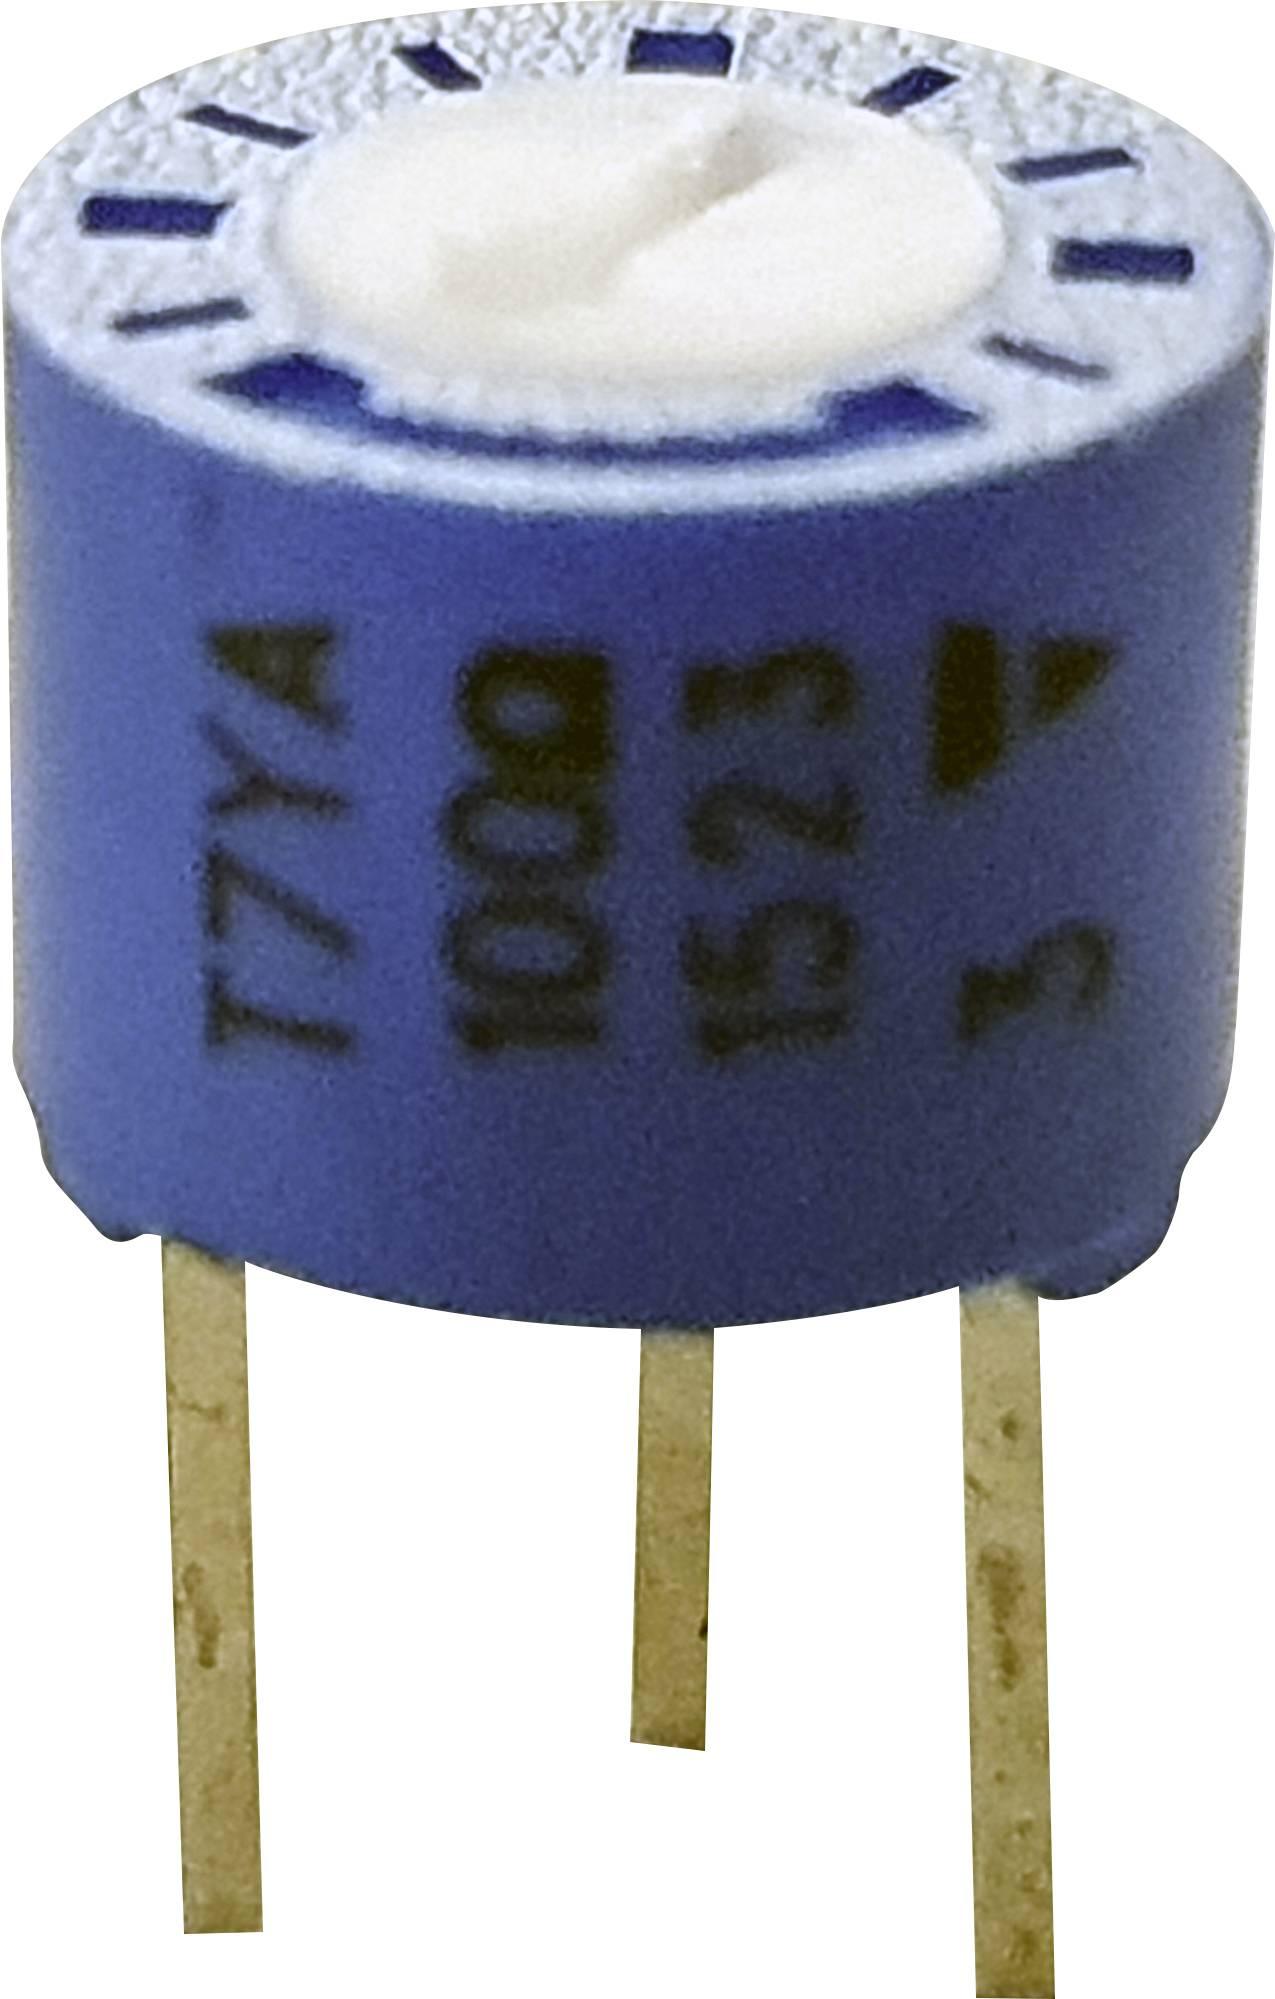 Precízny trimer Vishay 75 P 2K, lineárny, 2 kOhm, 0.5 W, 1 ks